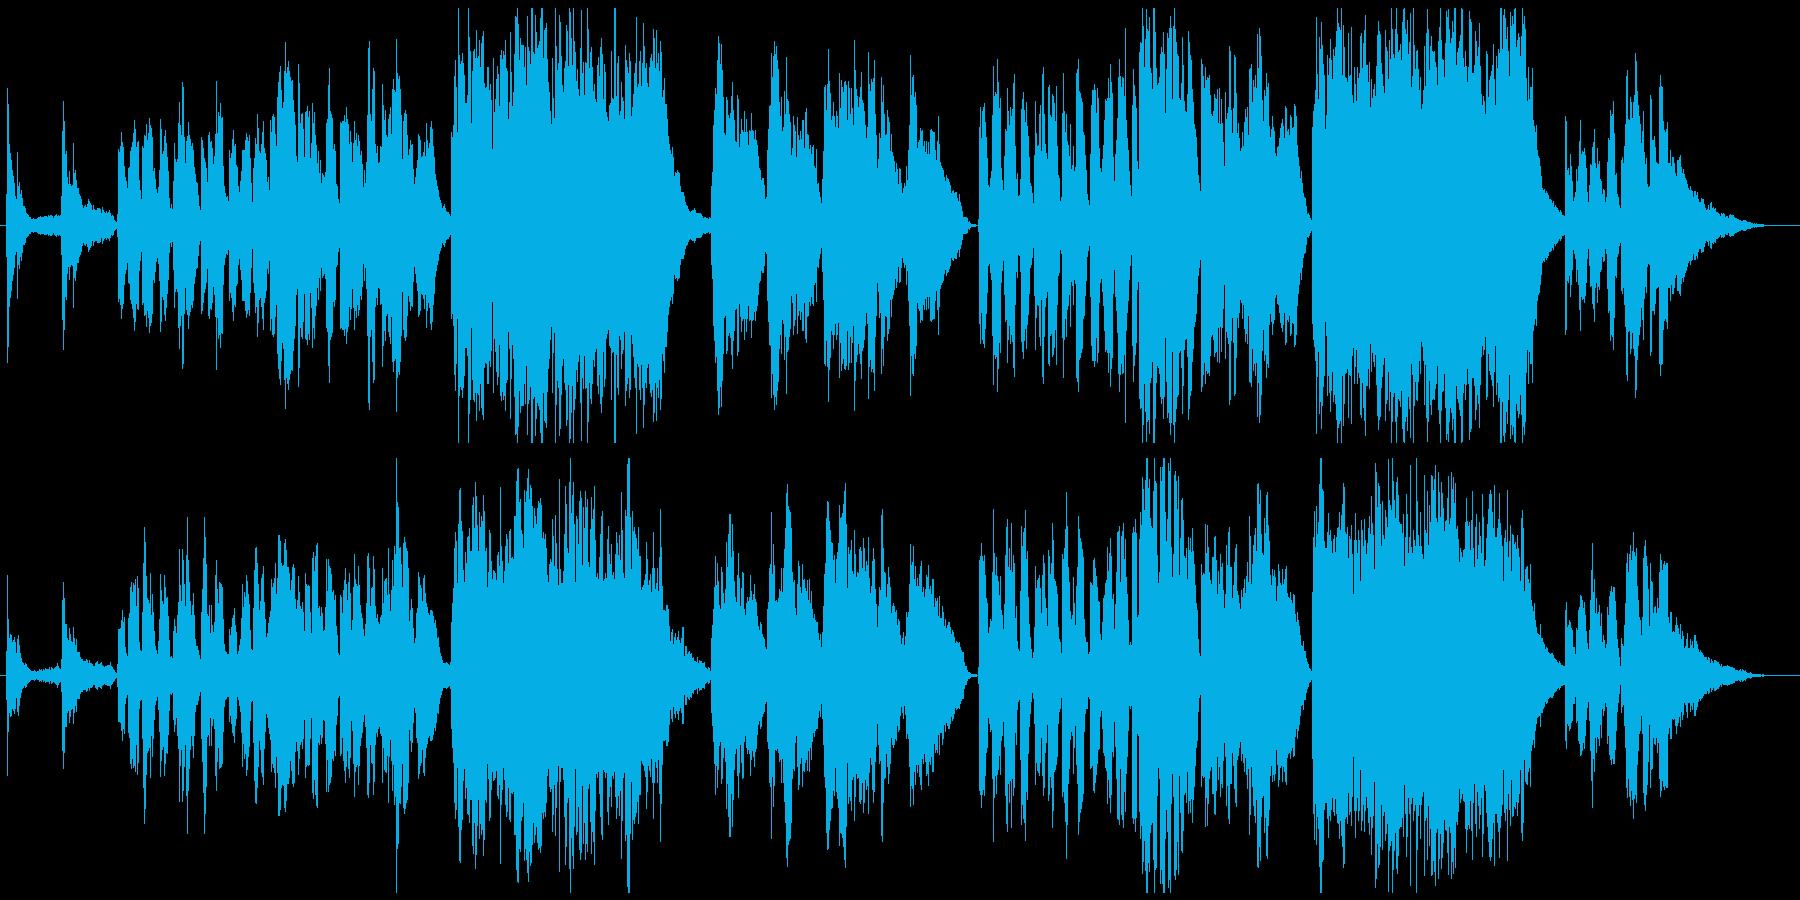 子供の成長記録に切なく清々しいチェロ曲の再生済みの波形